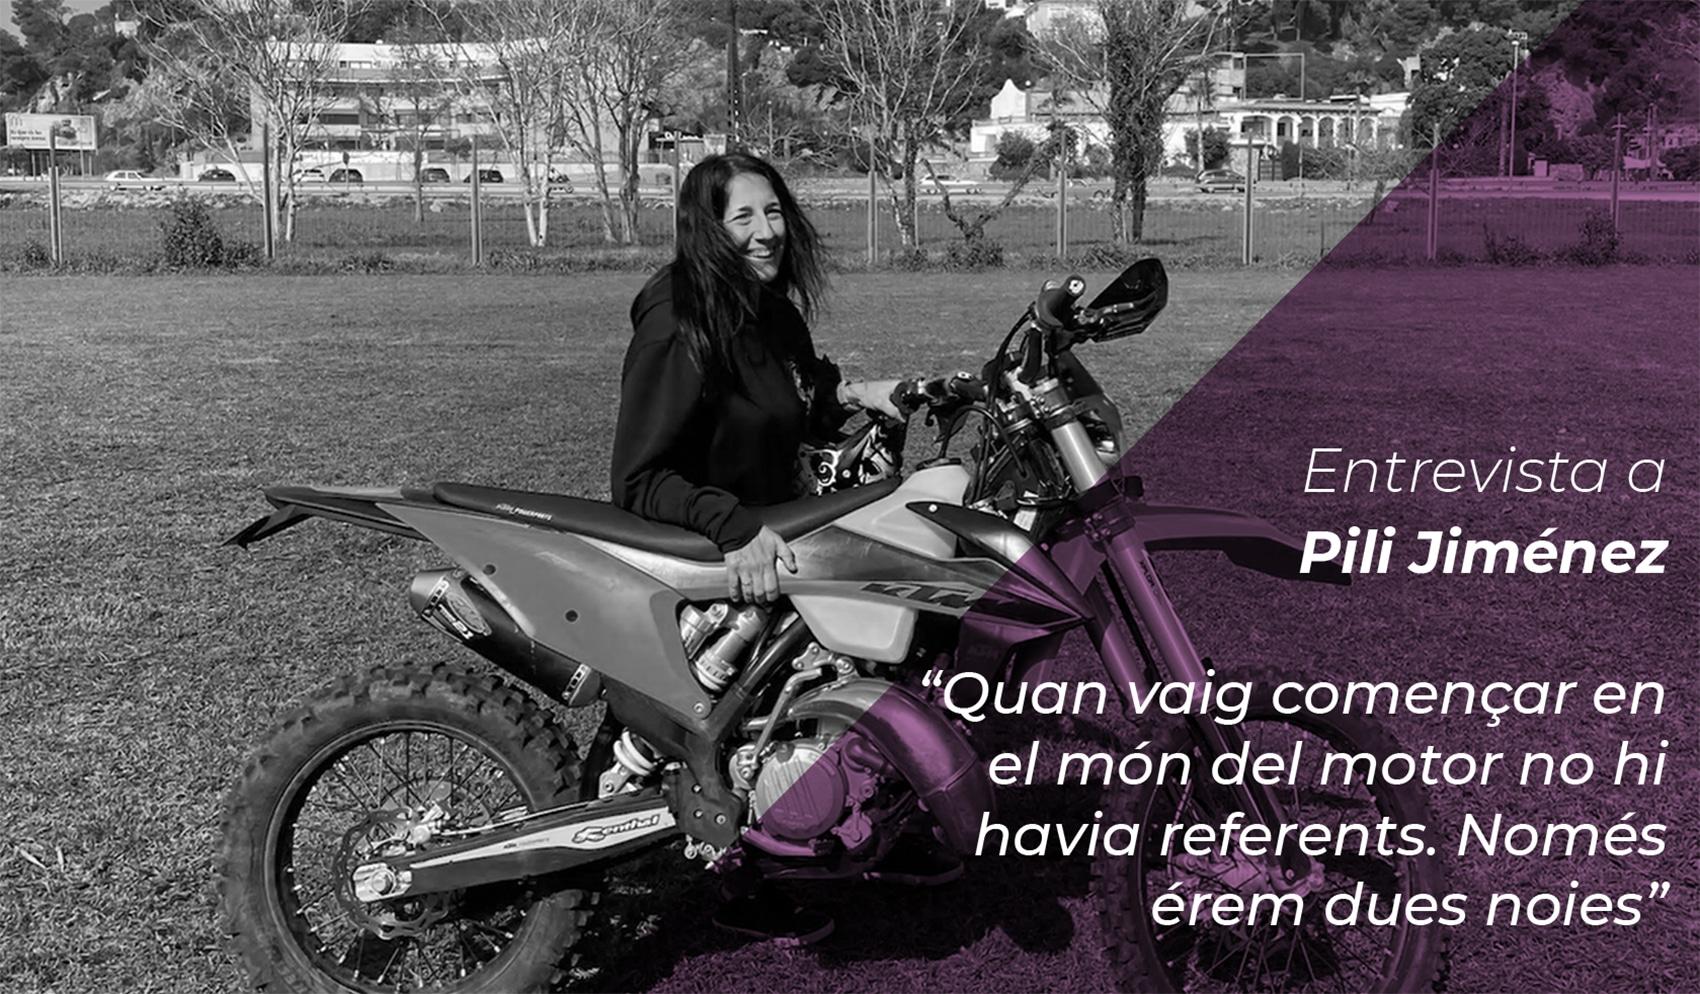 """Pili Jiménez: """"Quan vaig començar en el món del motor no hi havia referents. Només érem dues noies"""" 1"""